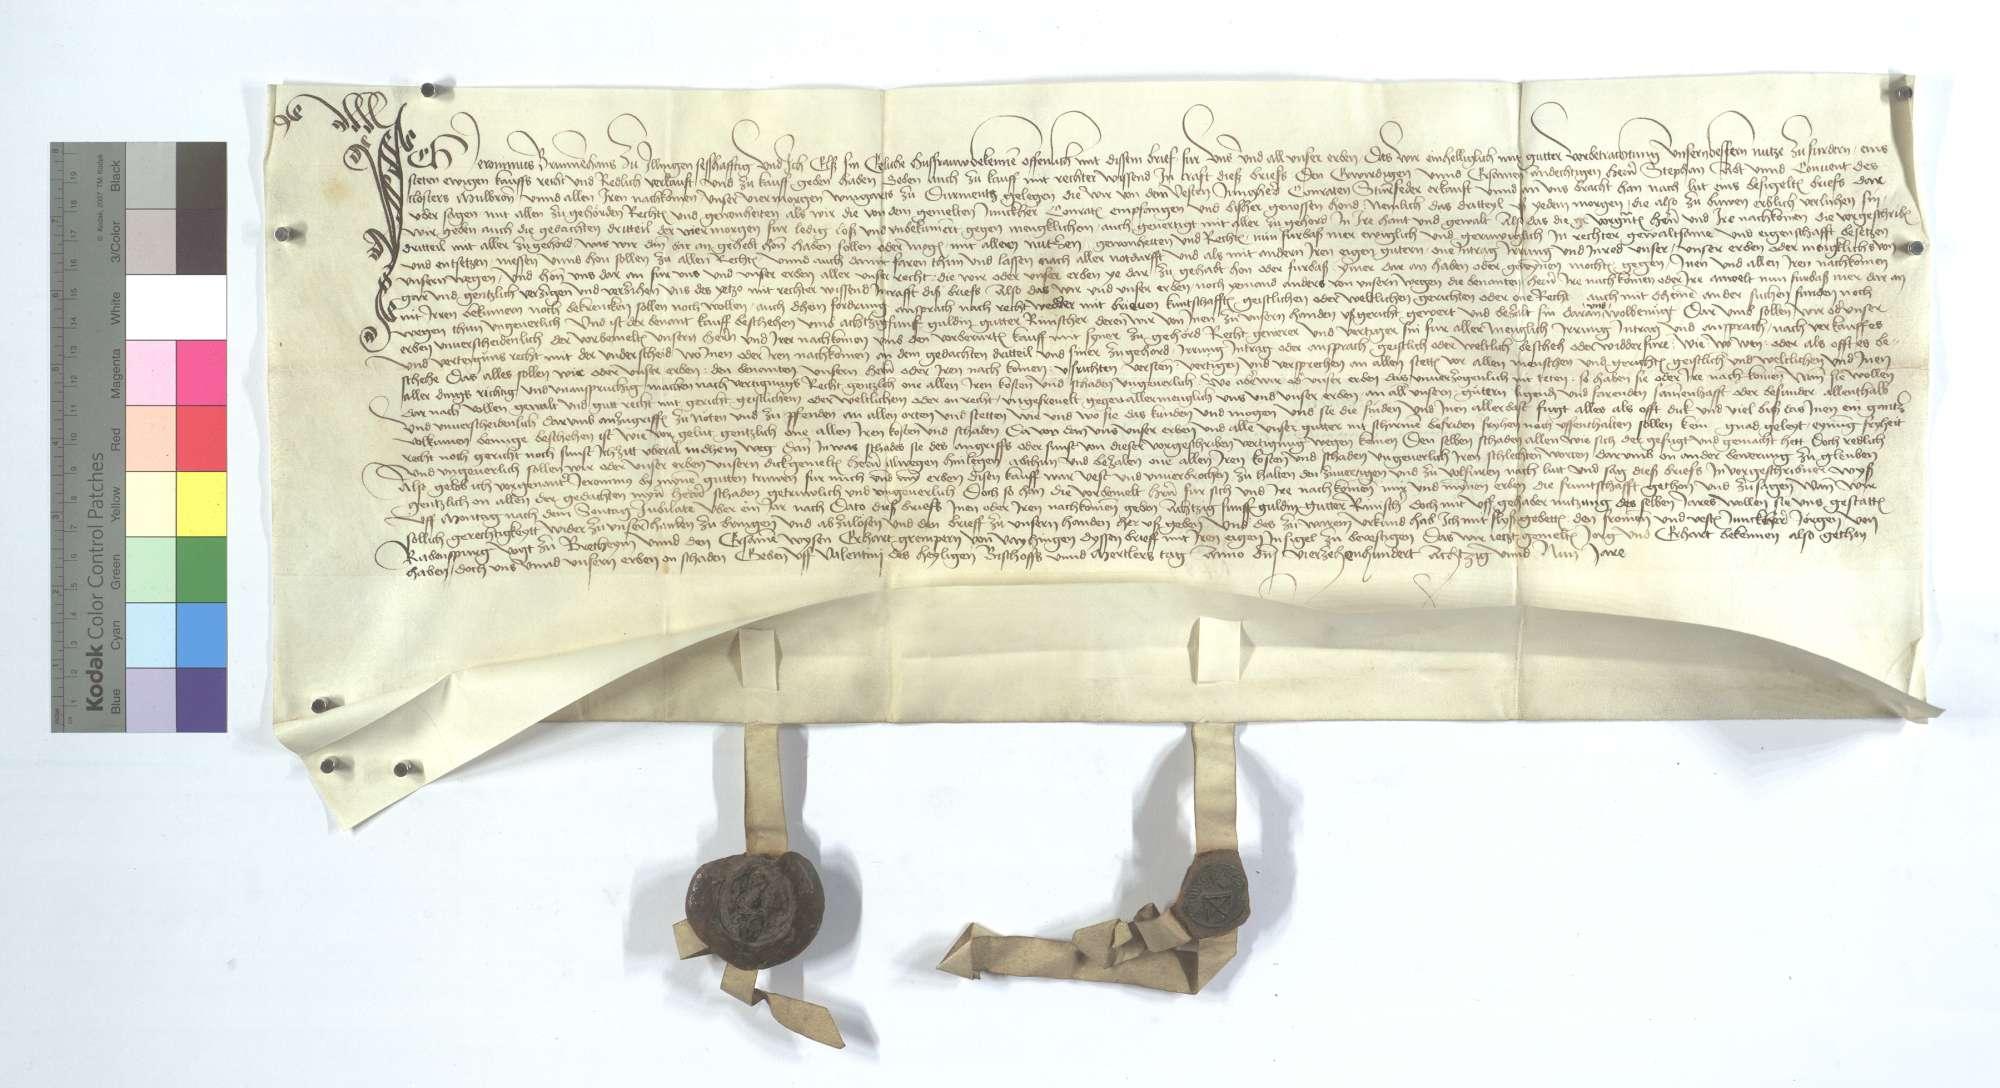 Jeronimus Brunnehans von Illingen verkauft dem Kloster Maulbronn sein Drittel Wein aus 4 Morgen Weingarten in Dürrmenz., Text